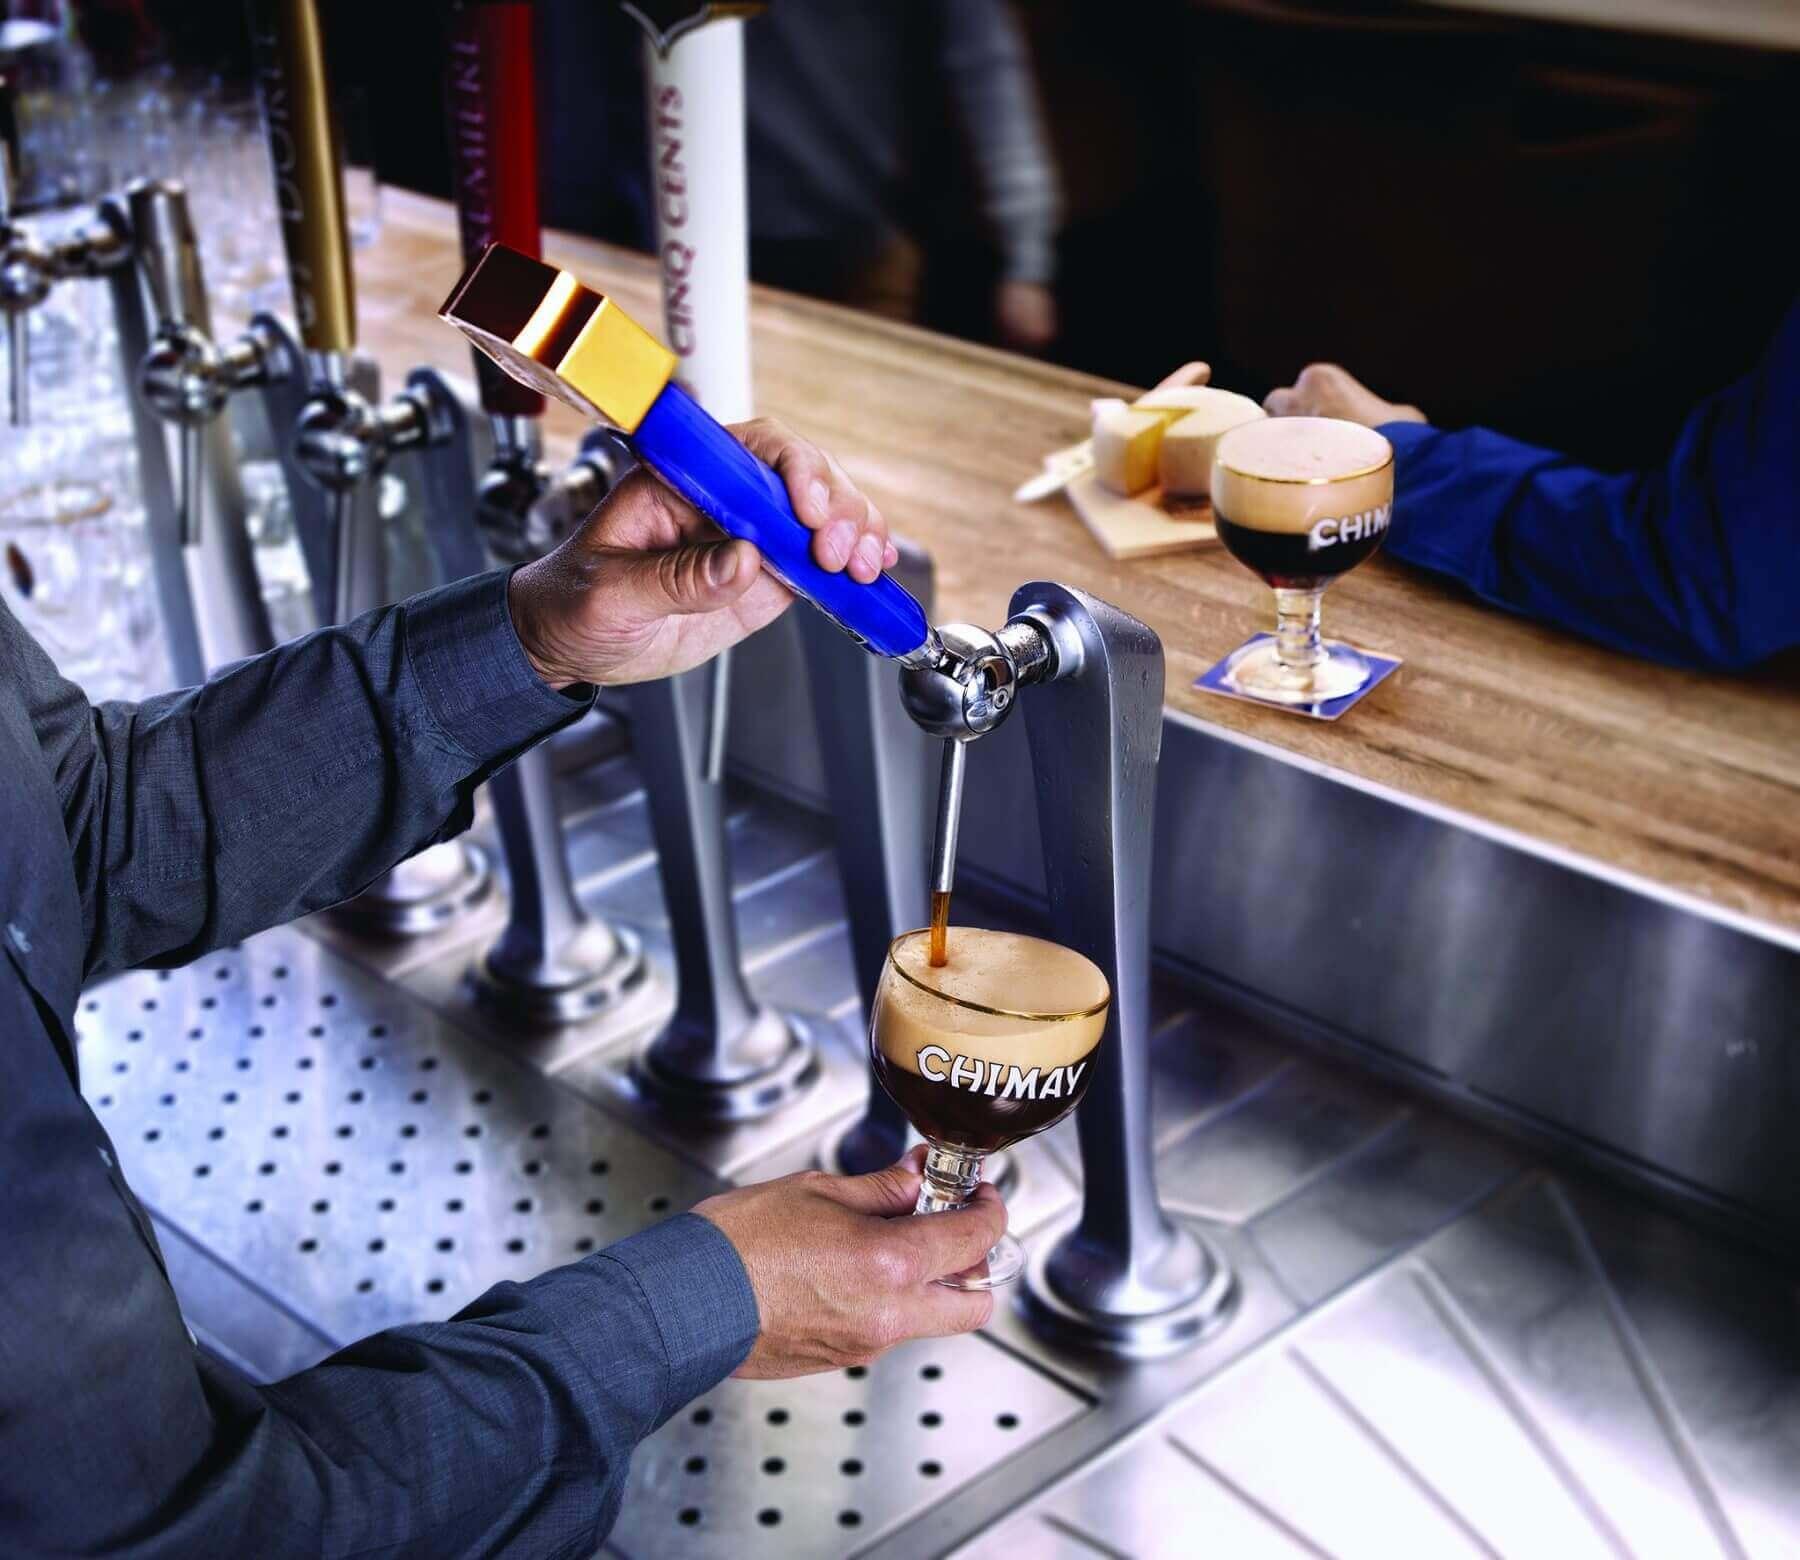 Best Belgian Trappist Beers in 2020